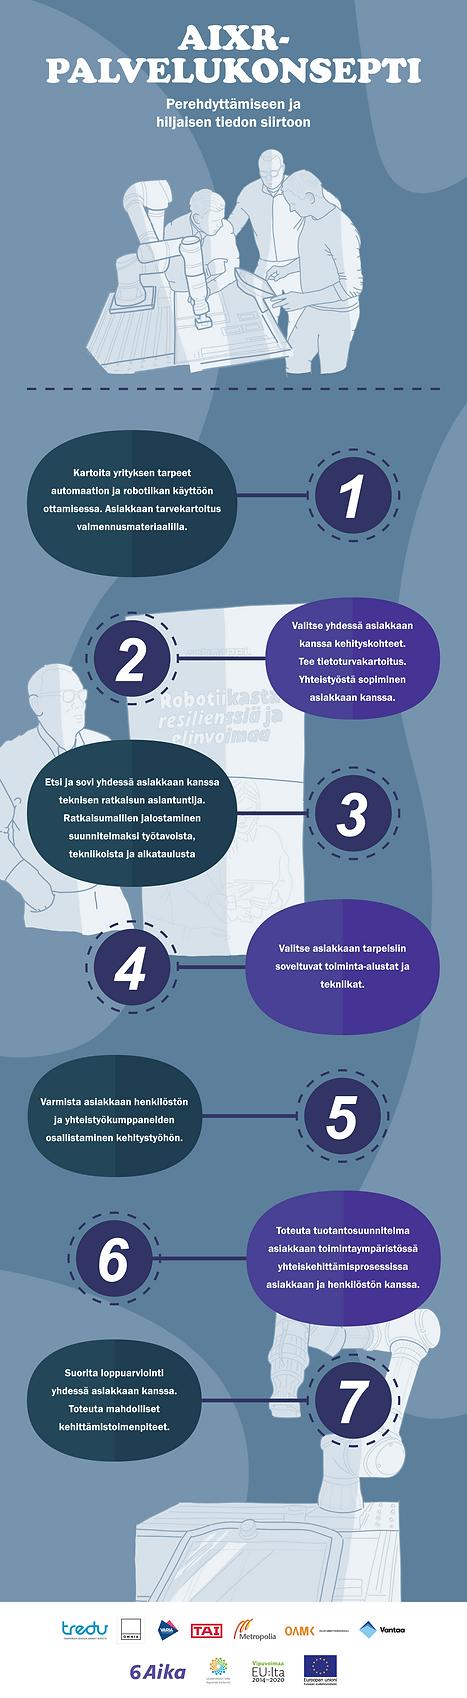 AIXR-palvelukonseptista tehty kuvitettu infograaffi